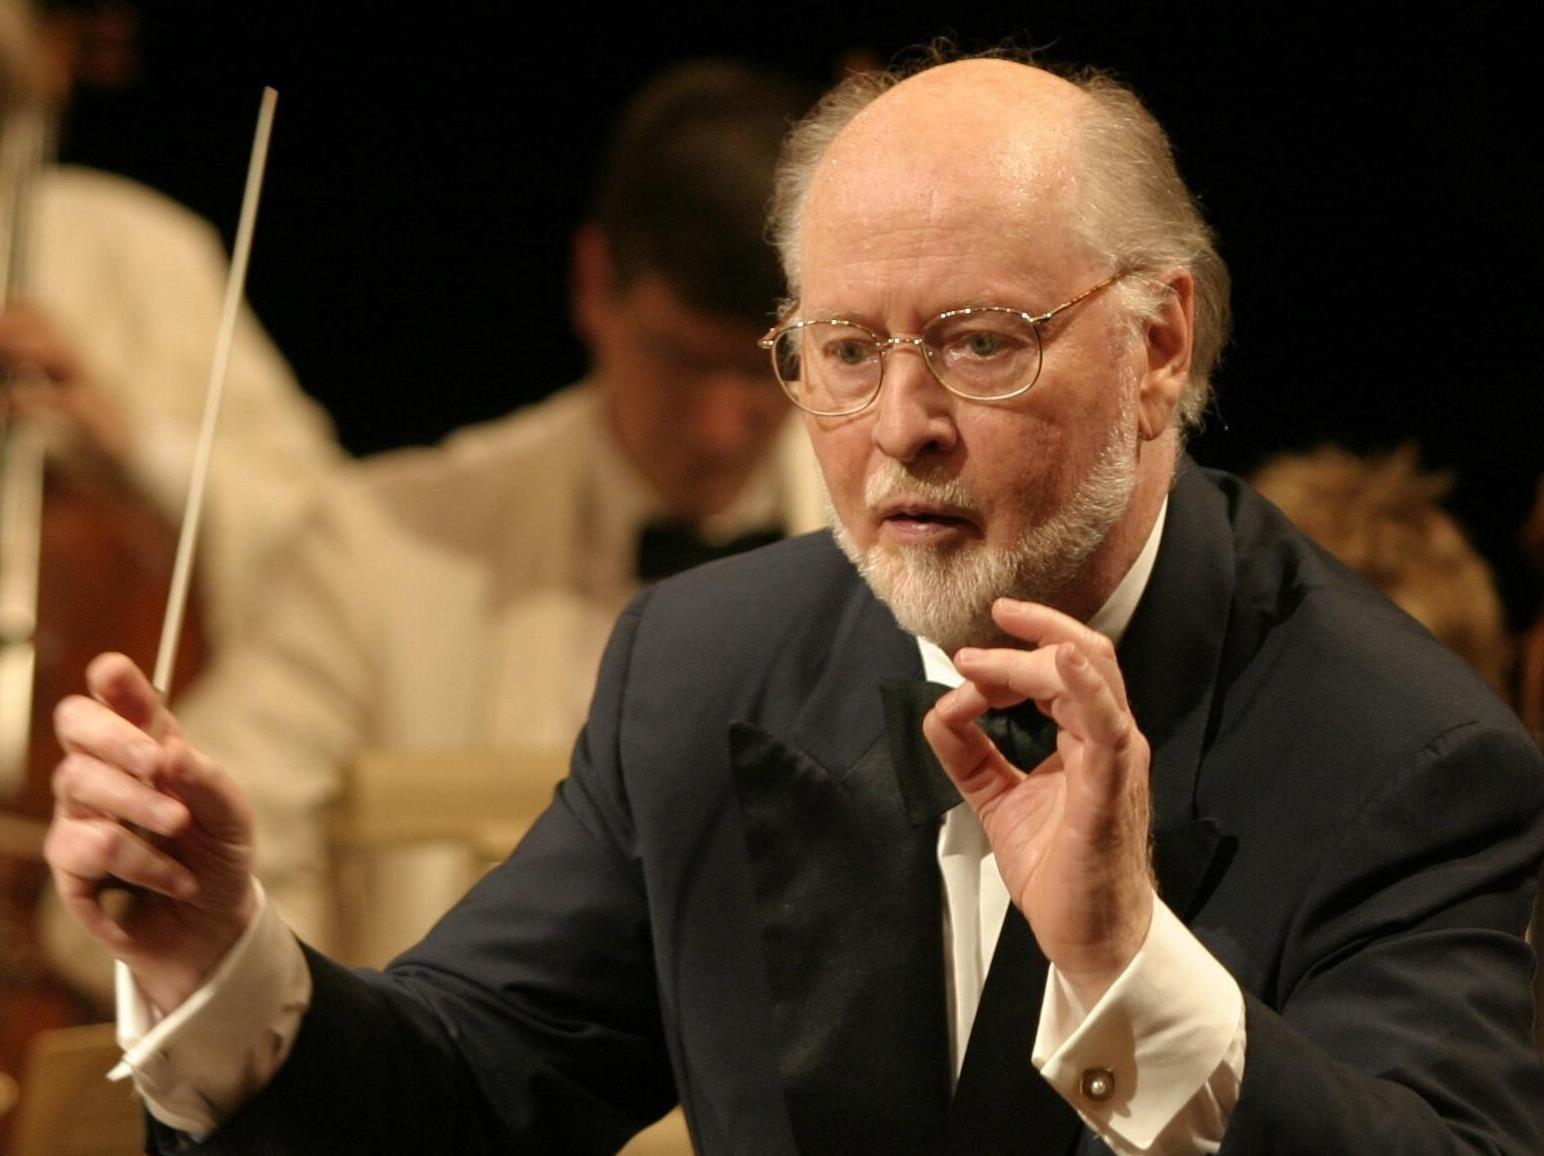 ¿En cuántas películas de Spielberg está John Williams como compositor?